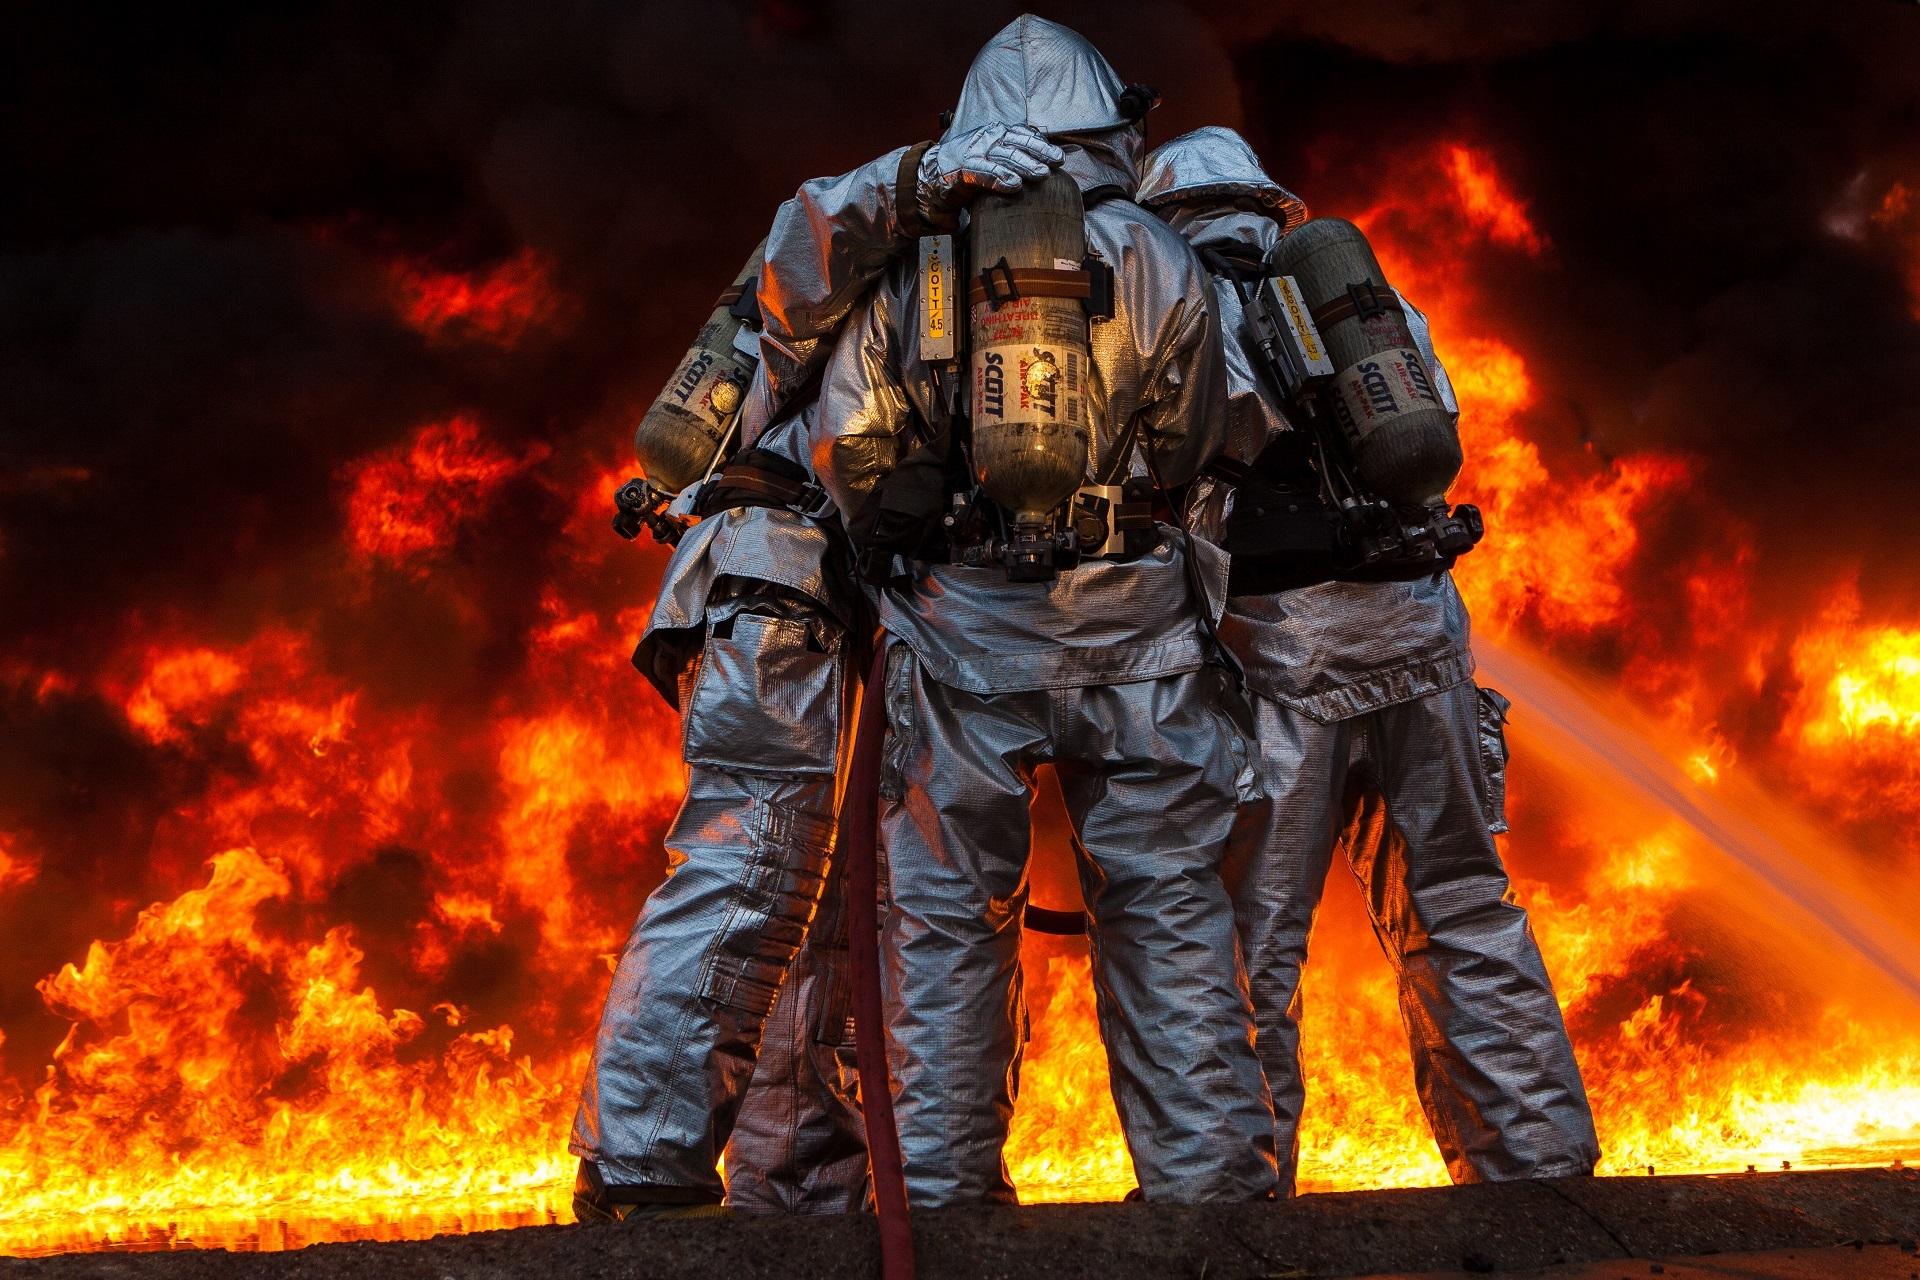 Красивые картинки пожарных